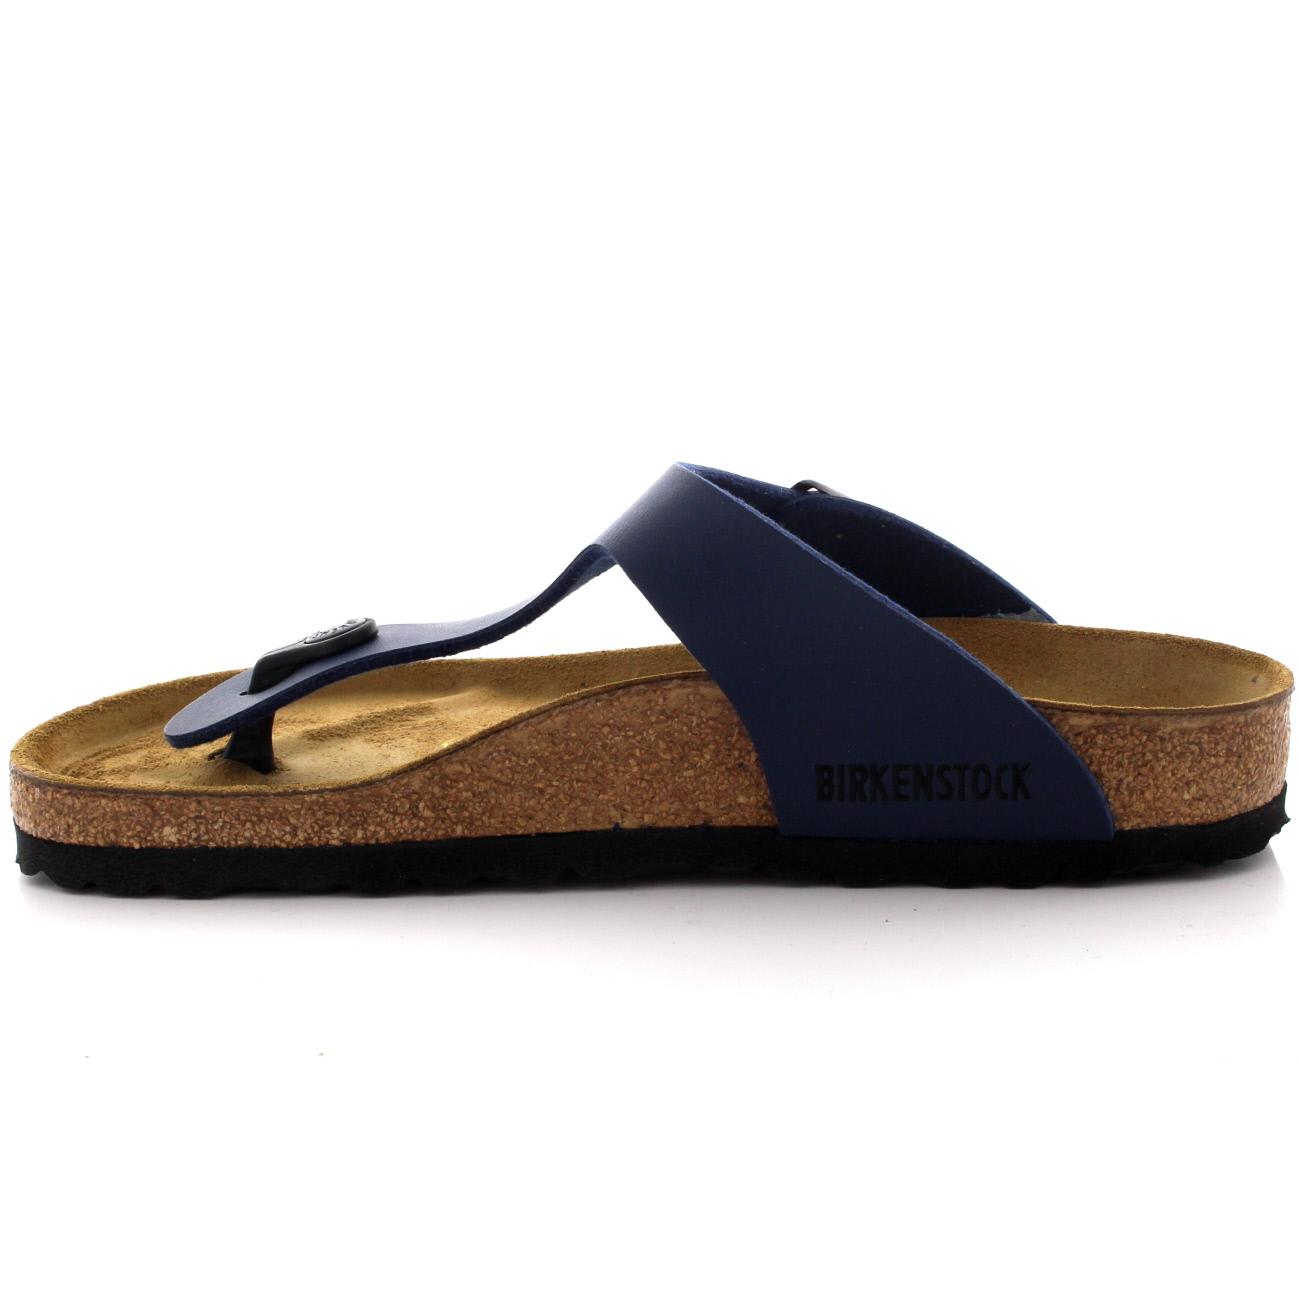 Unisex Adults Birkenstock Toe Gizeh Holiday T-Bar Open Toe Birkenstock Beach Sandales All Größes 23a124